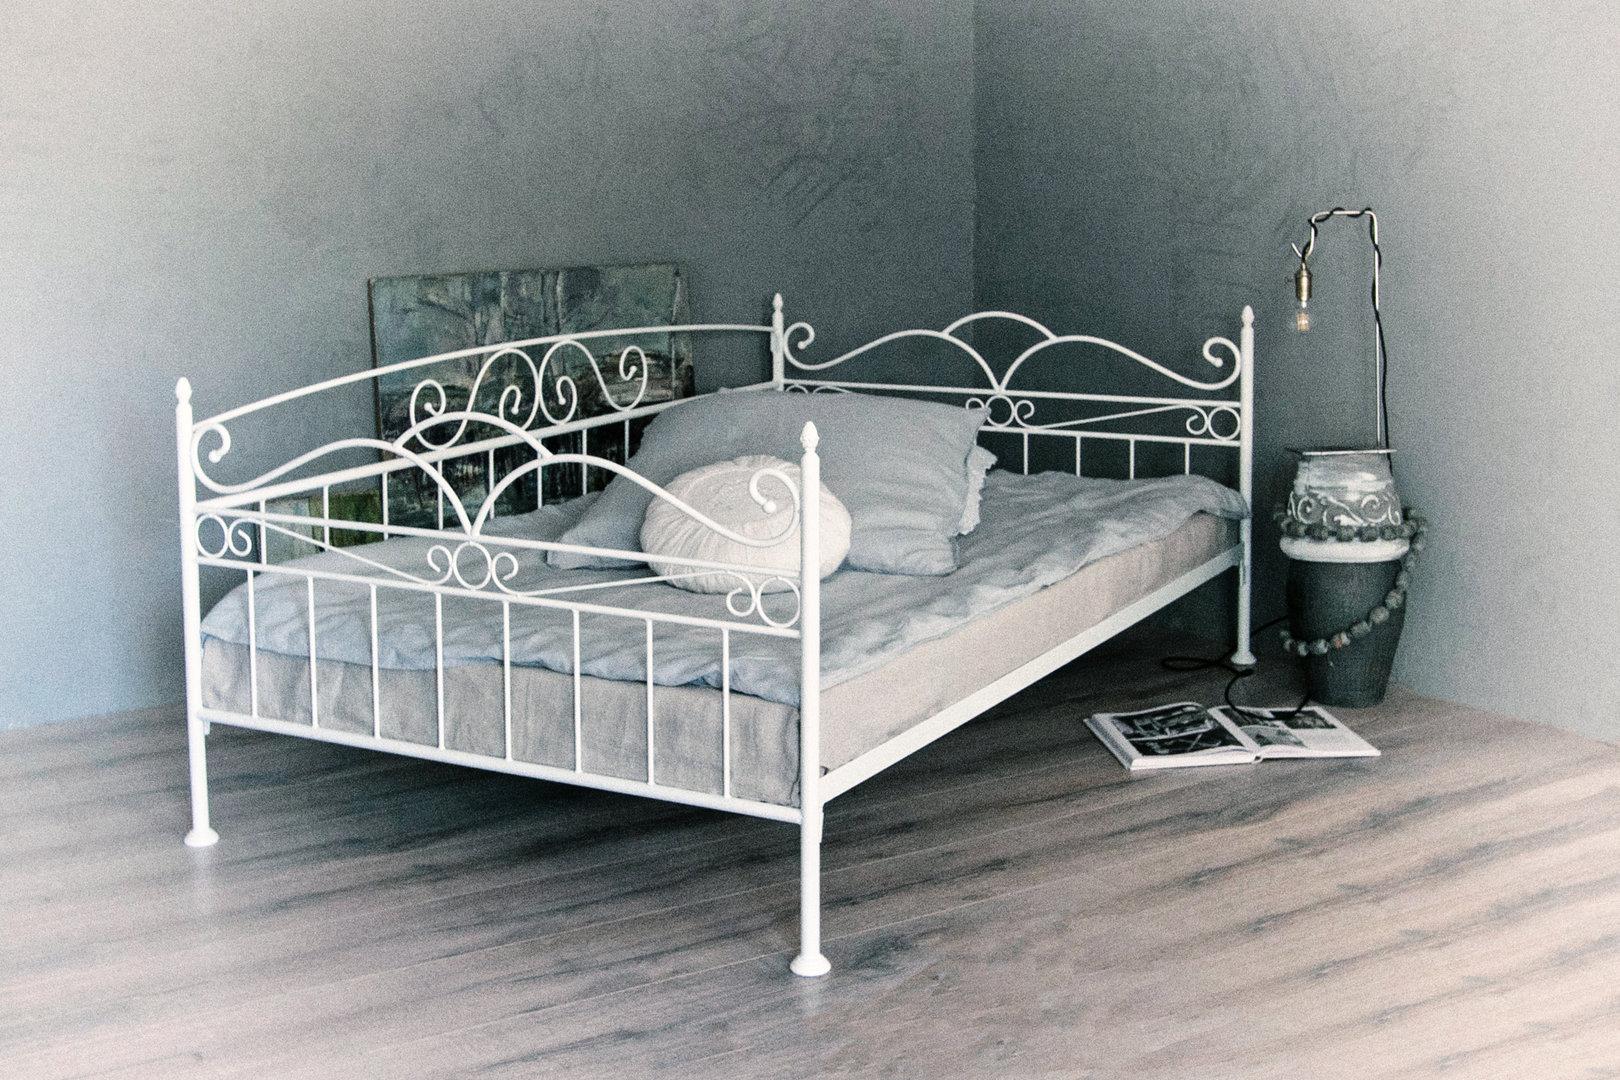 Full Size of Trend Sofa Bett 90x200 In Weiss Ecru Transparent Kupfer Ebay Betten 180x200 Günstig Kaufen Jugend Hasena Mit Bettkasten Dico Schöne Matratze Und Lattenrost Bett Betten 90x200